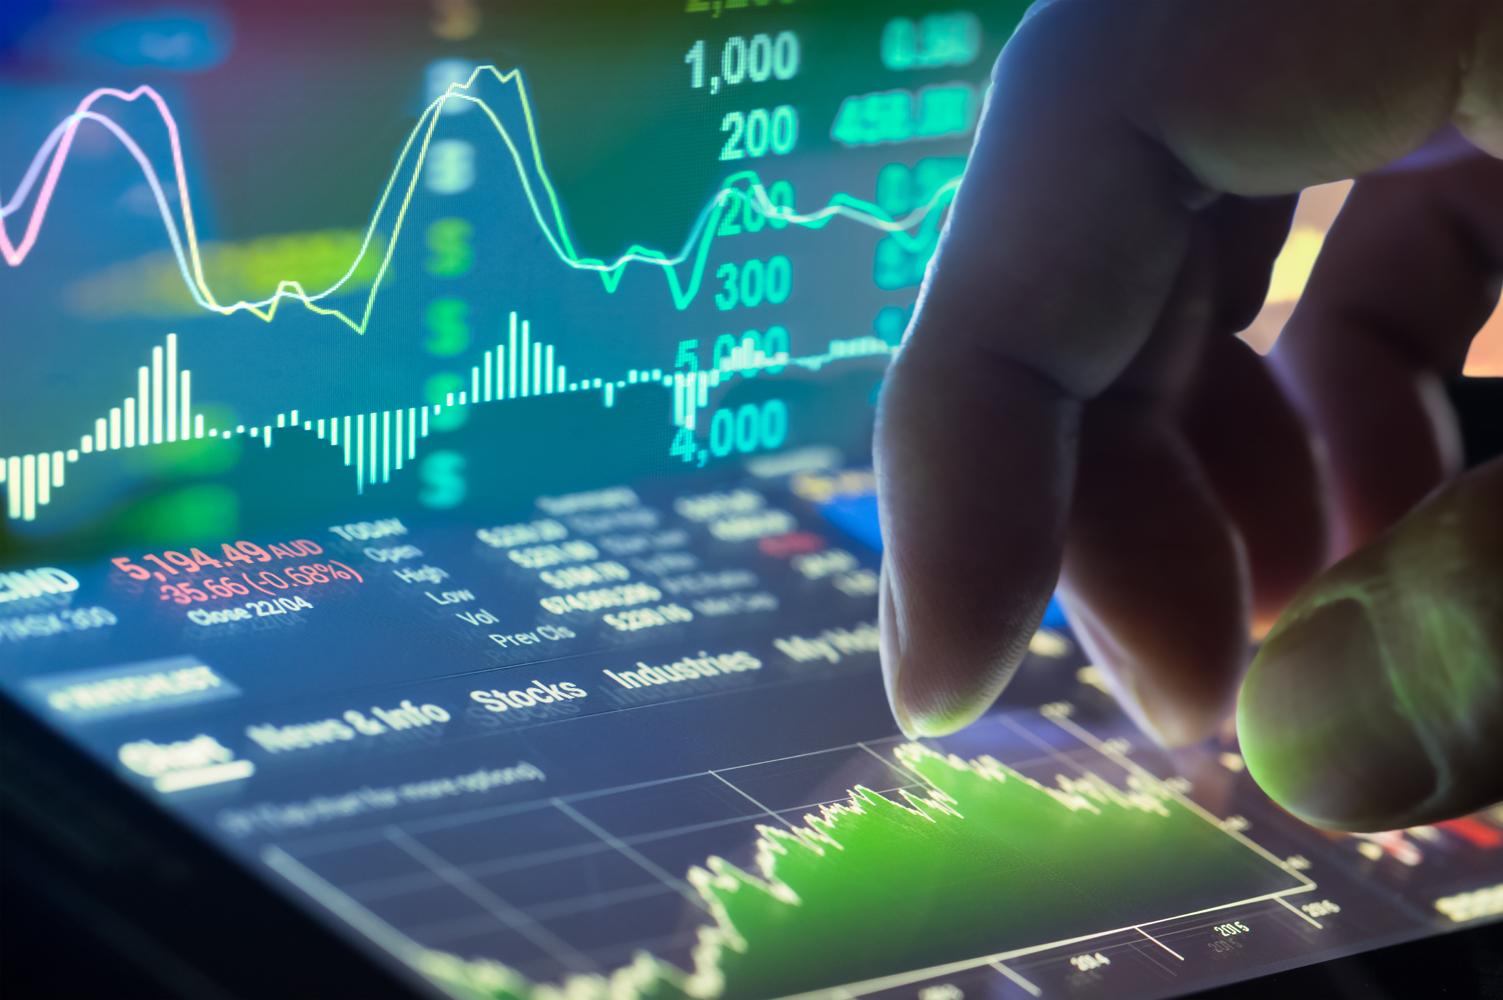 tranzacționarea pe știri economice cu opțiuni binare strategie pentru opțiuni binare de 1 oră